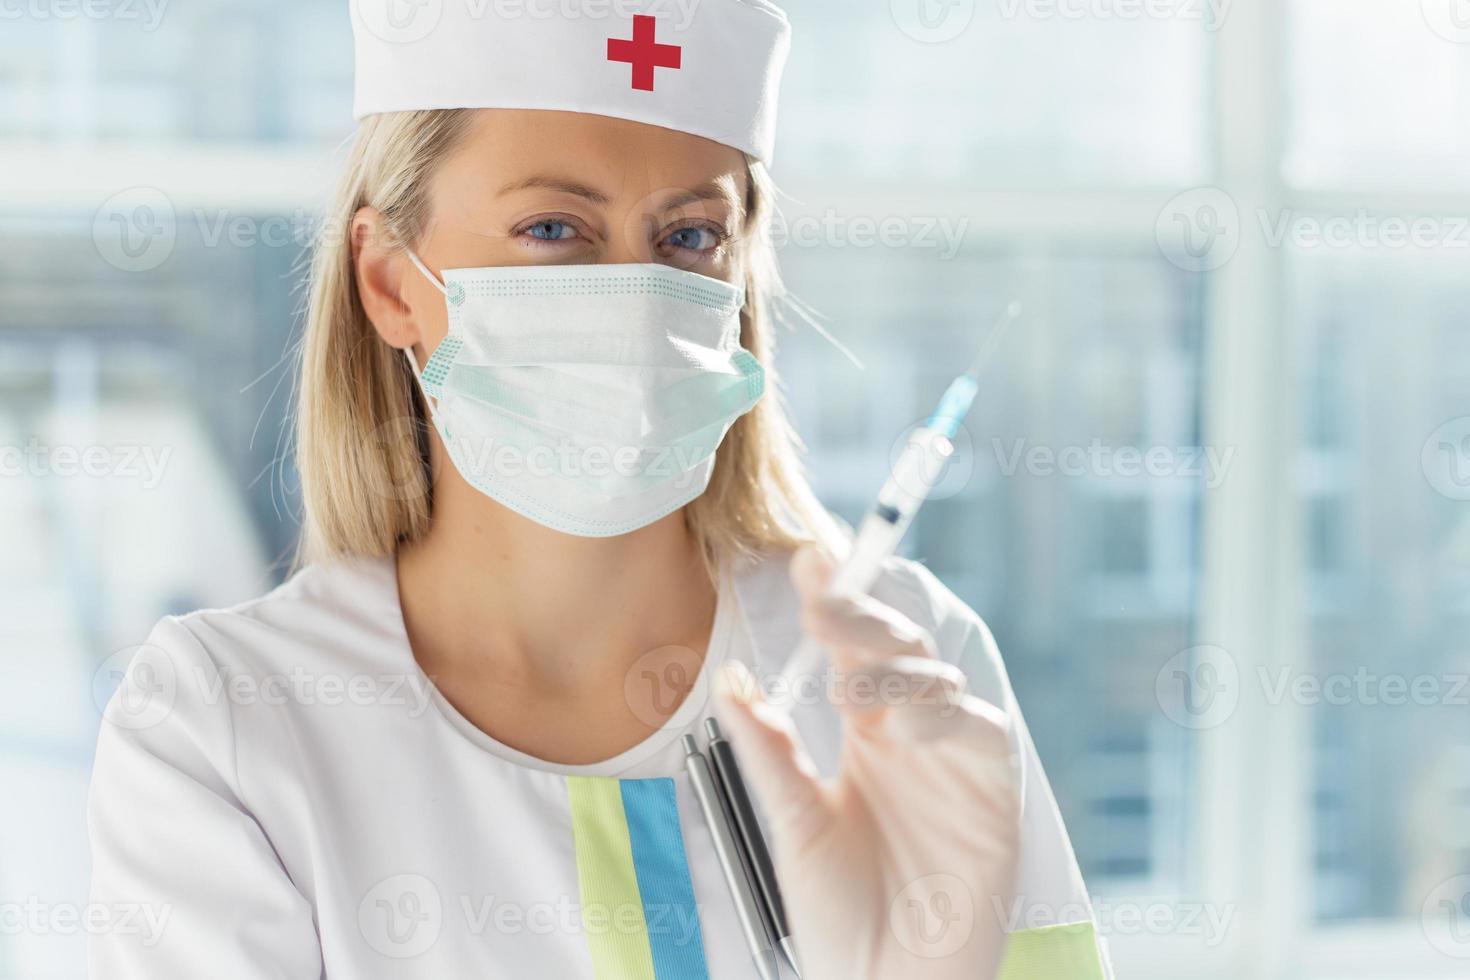 siringa della holding dell'infermiera foto